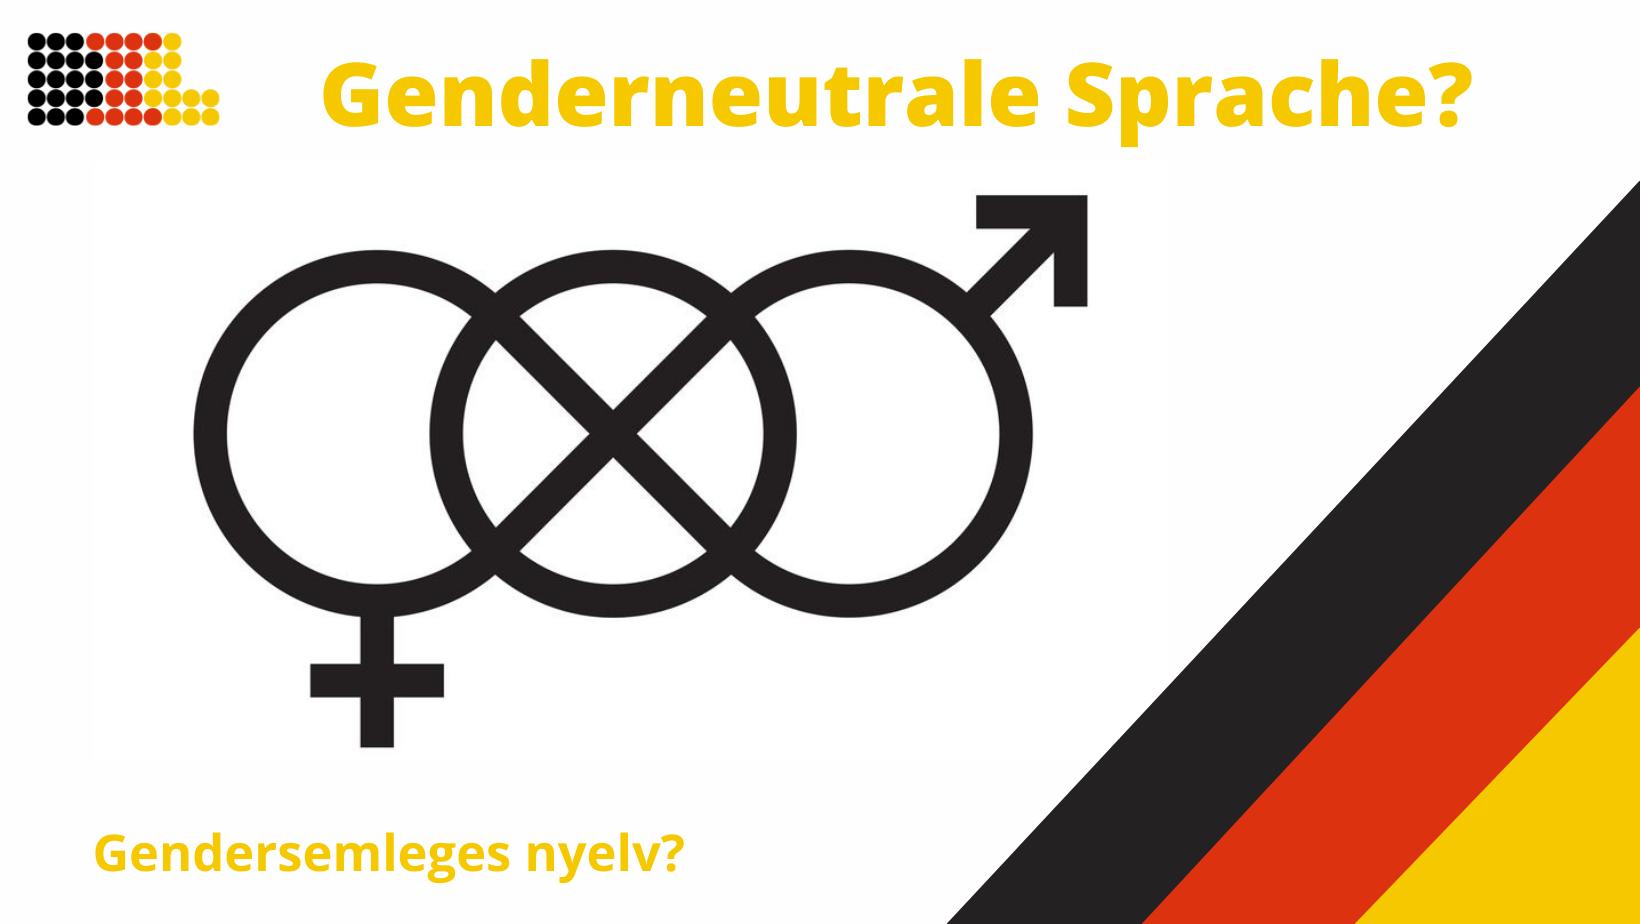 Genderneutrale Sprache?